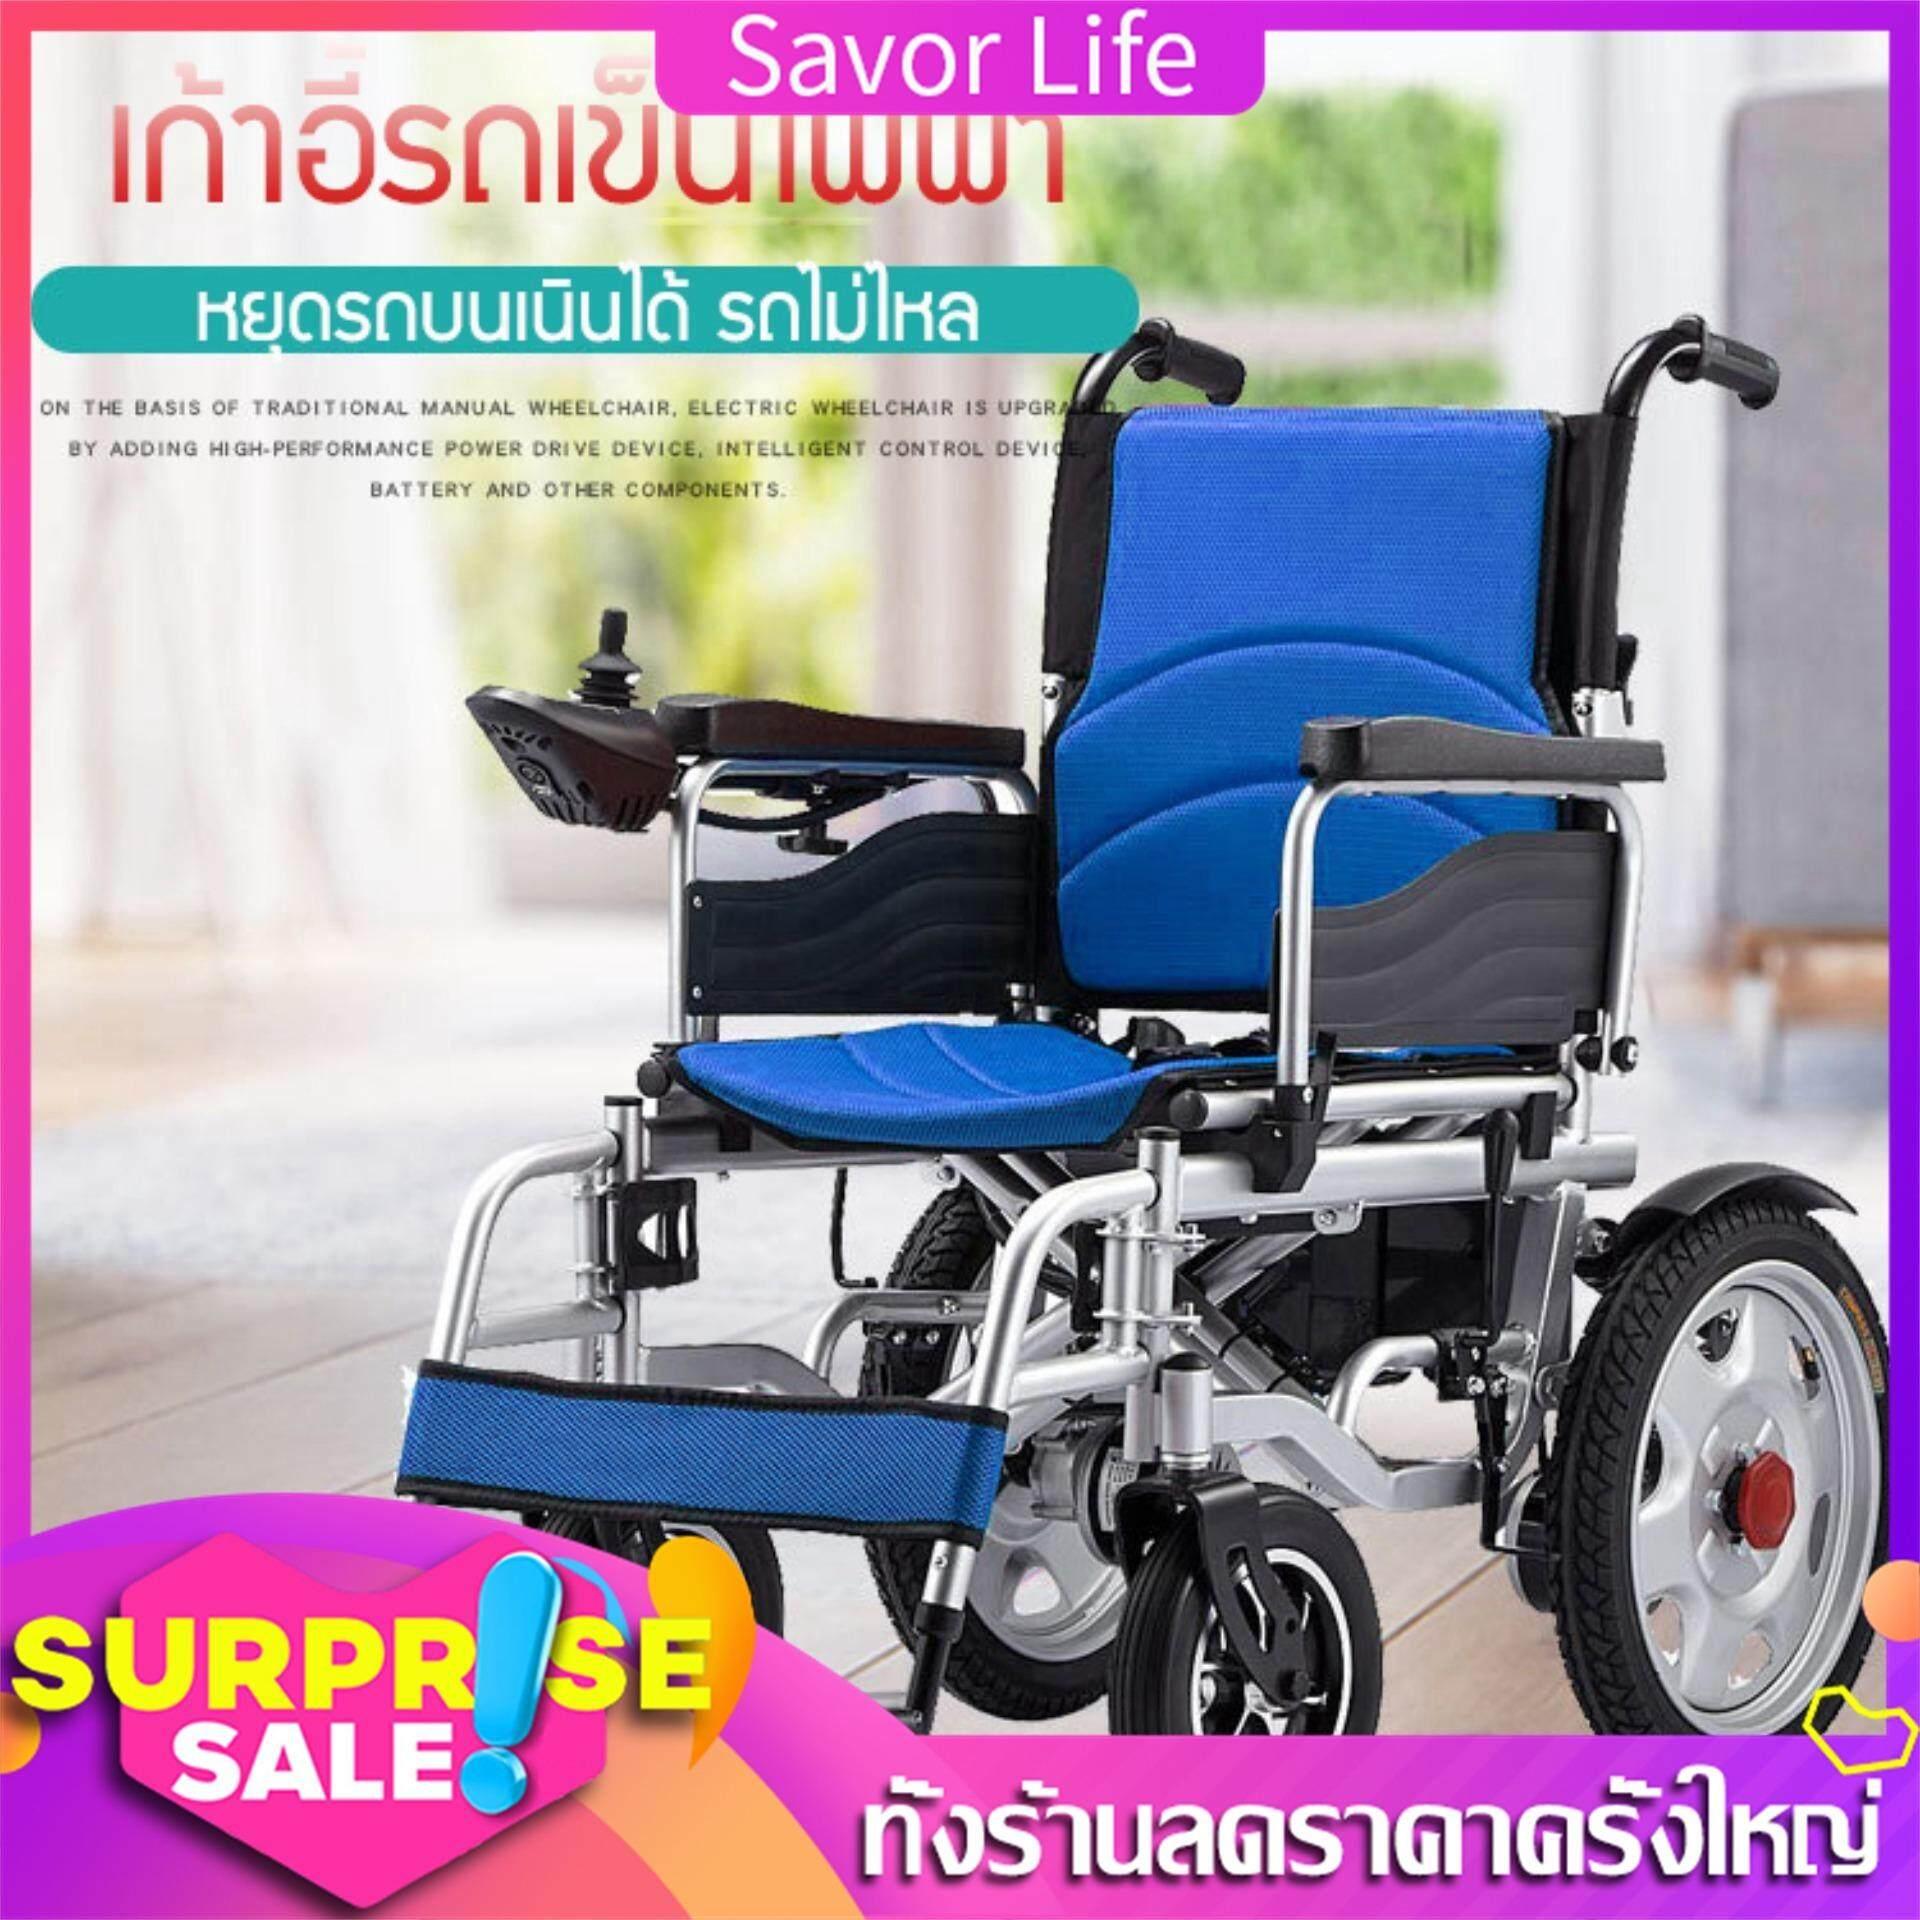 สุดยอดสินค้า!! เก้าอี้รถเข็นไฟฟ้า รุ่นอัพเกรด Wheelchair รถเข็นผู้ป่วย รถเข็นผู้สูงอายุ มือคอนโทรลได้ มีเบรคมือ ล้อหนา แข็งเเรง ปลอดภัย รับนน.ได้มาก SavorLife